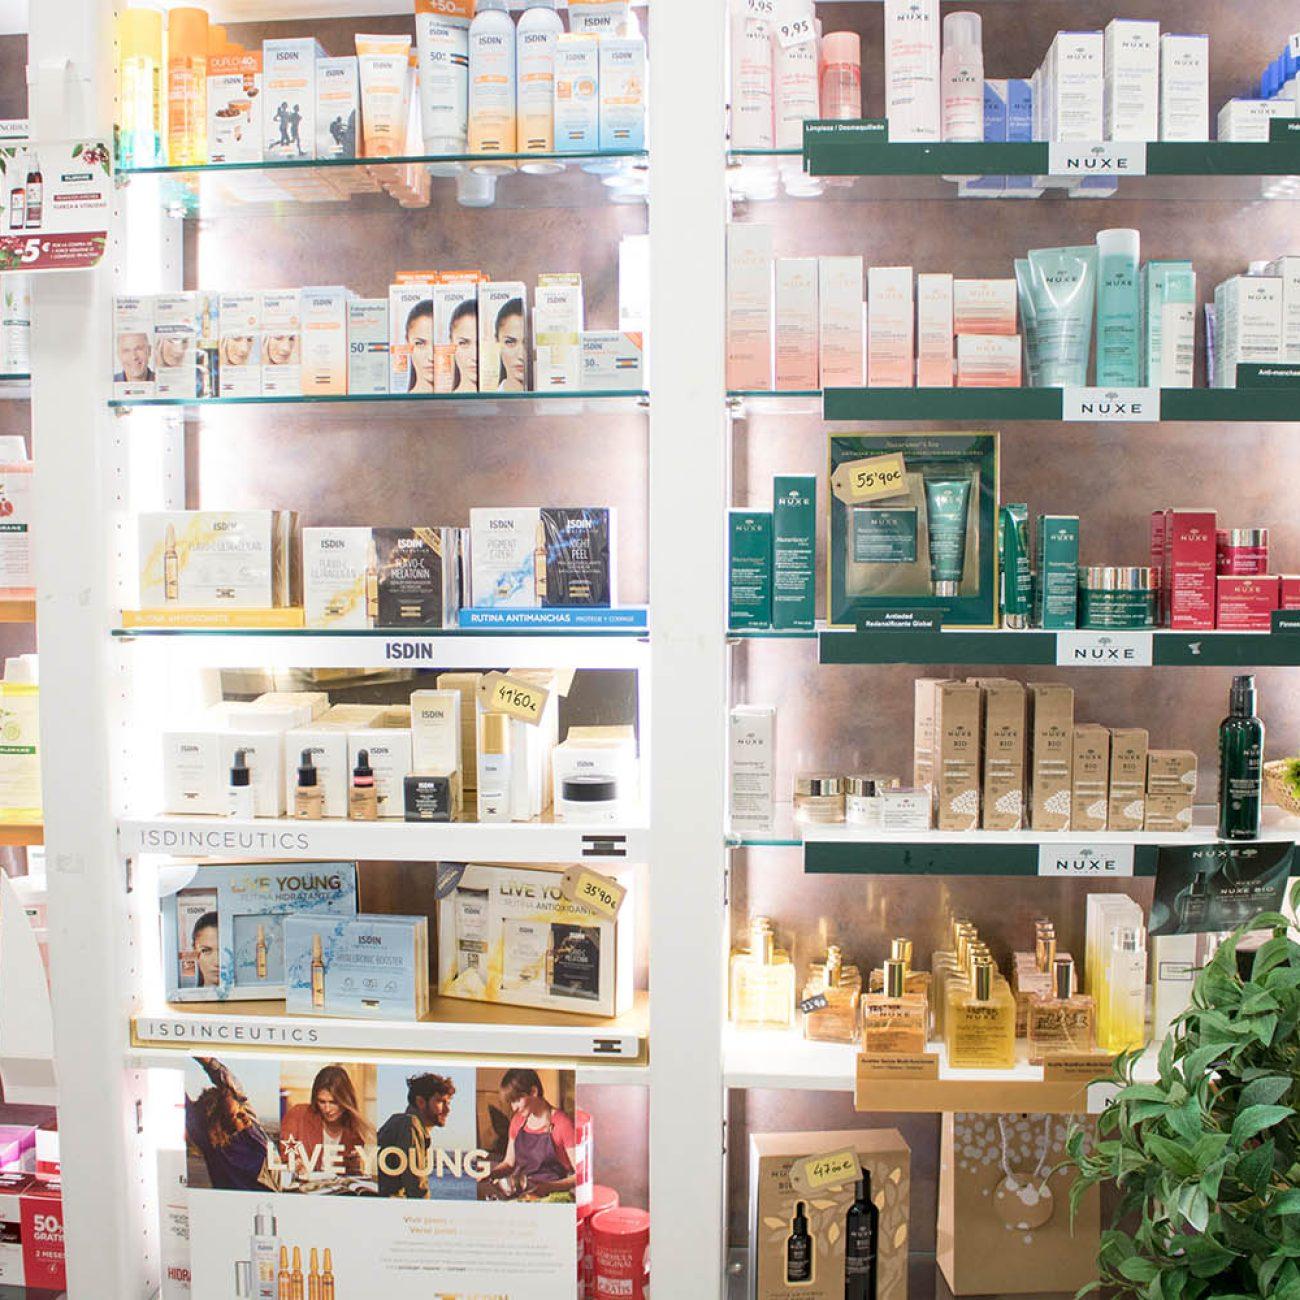 Farmacia María Feo Onzain